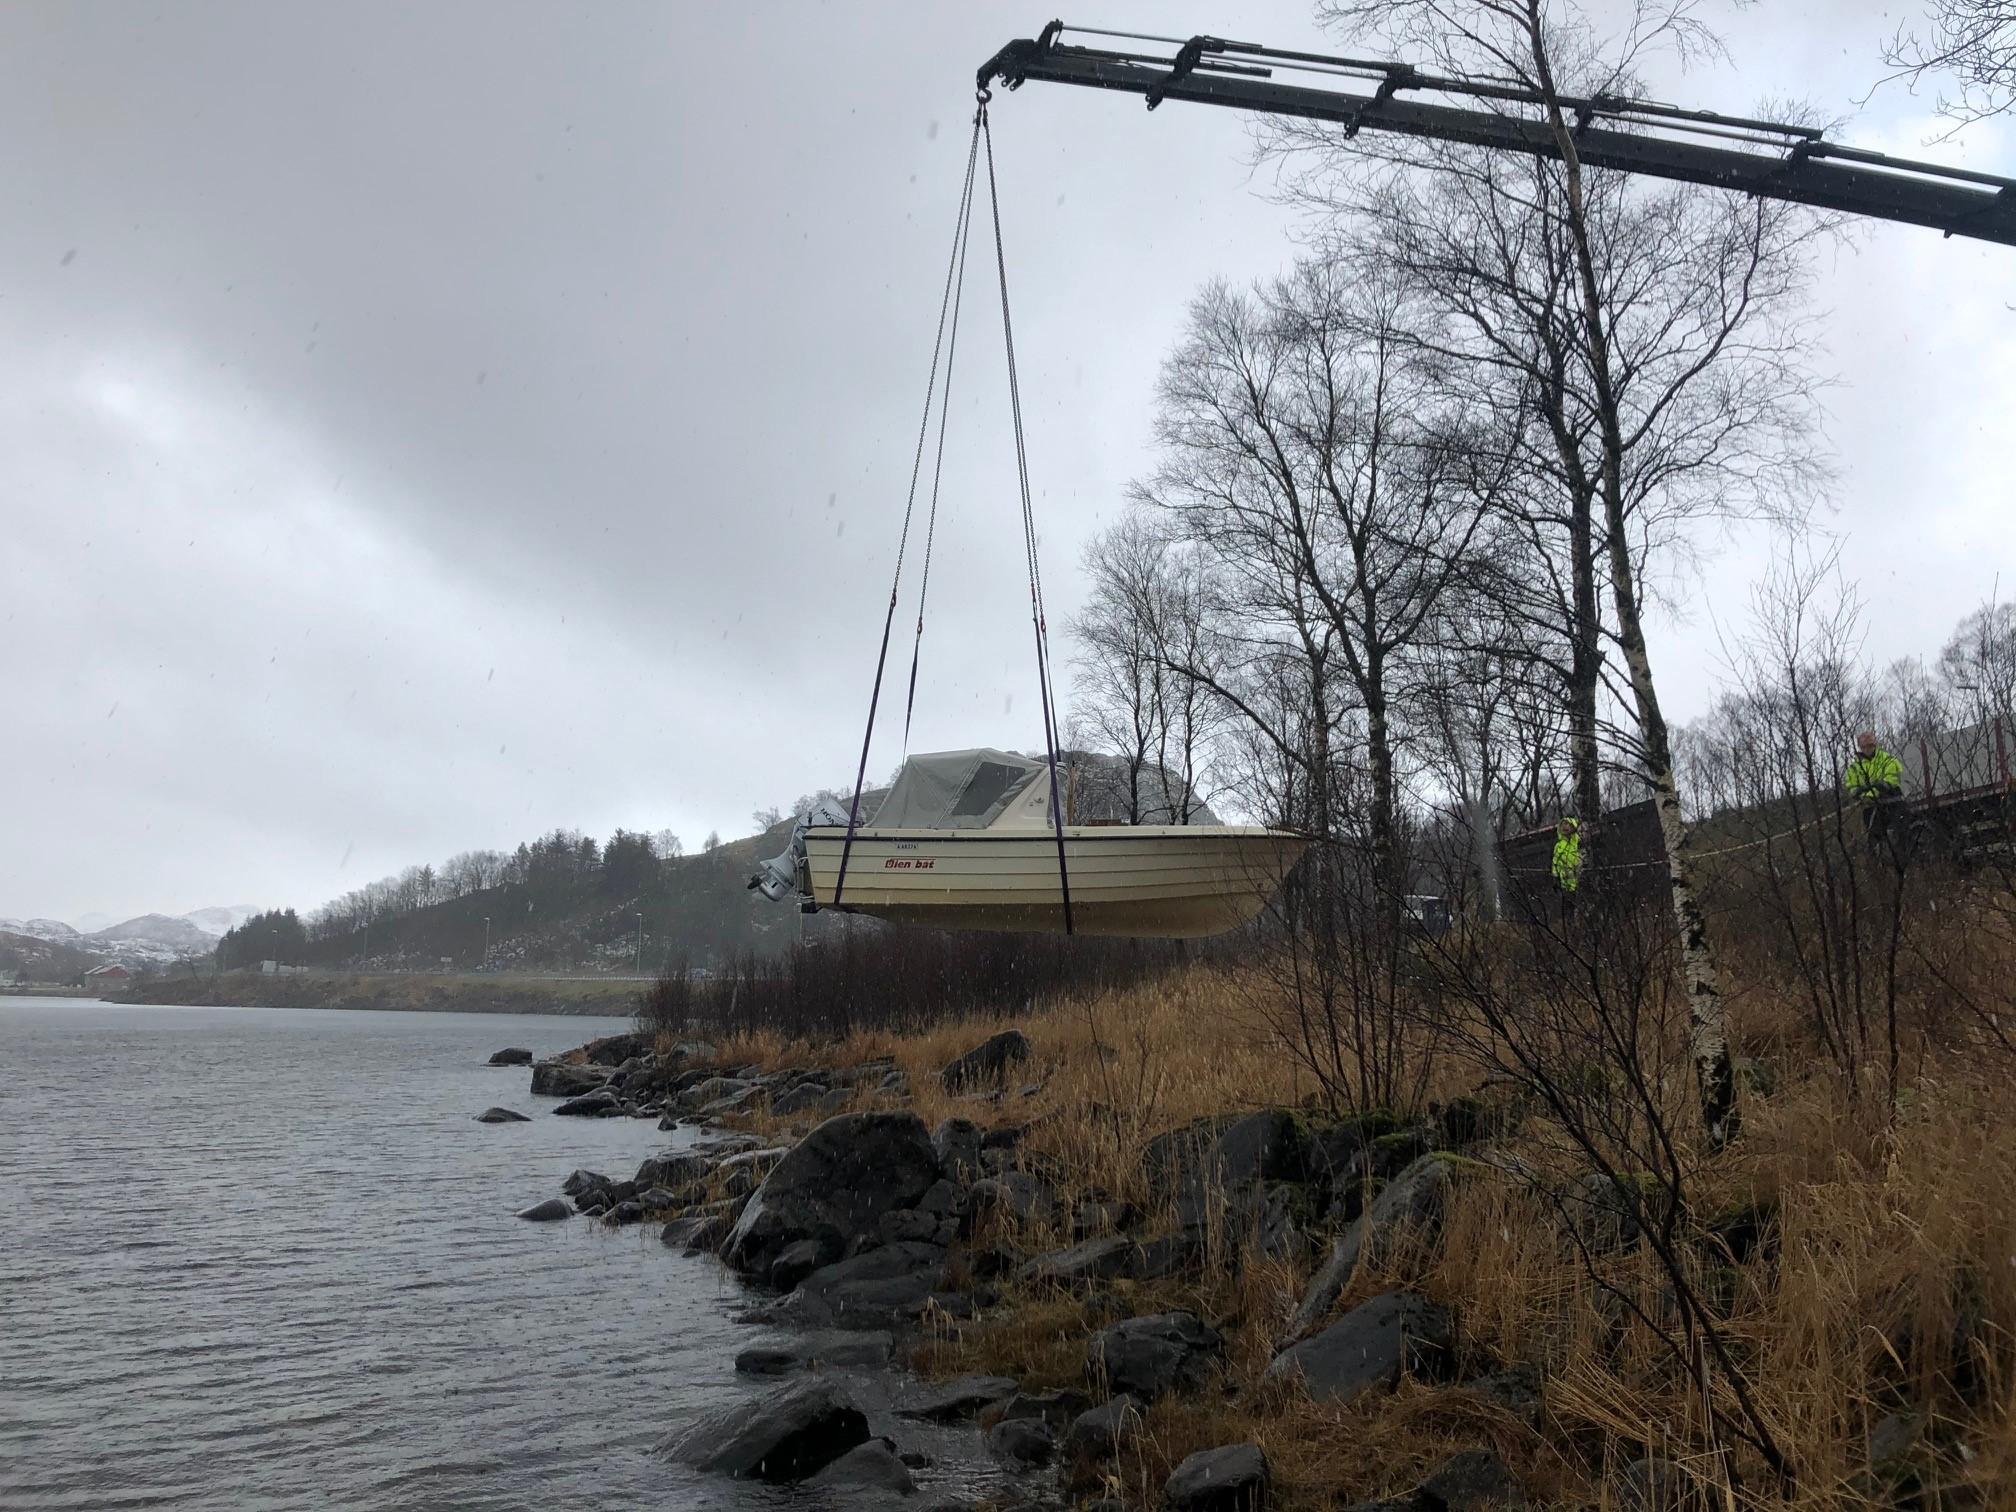 Sjøsetting av båt for georadar i vann, Geomap Norge AS.jpg